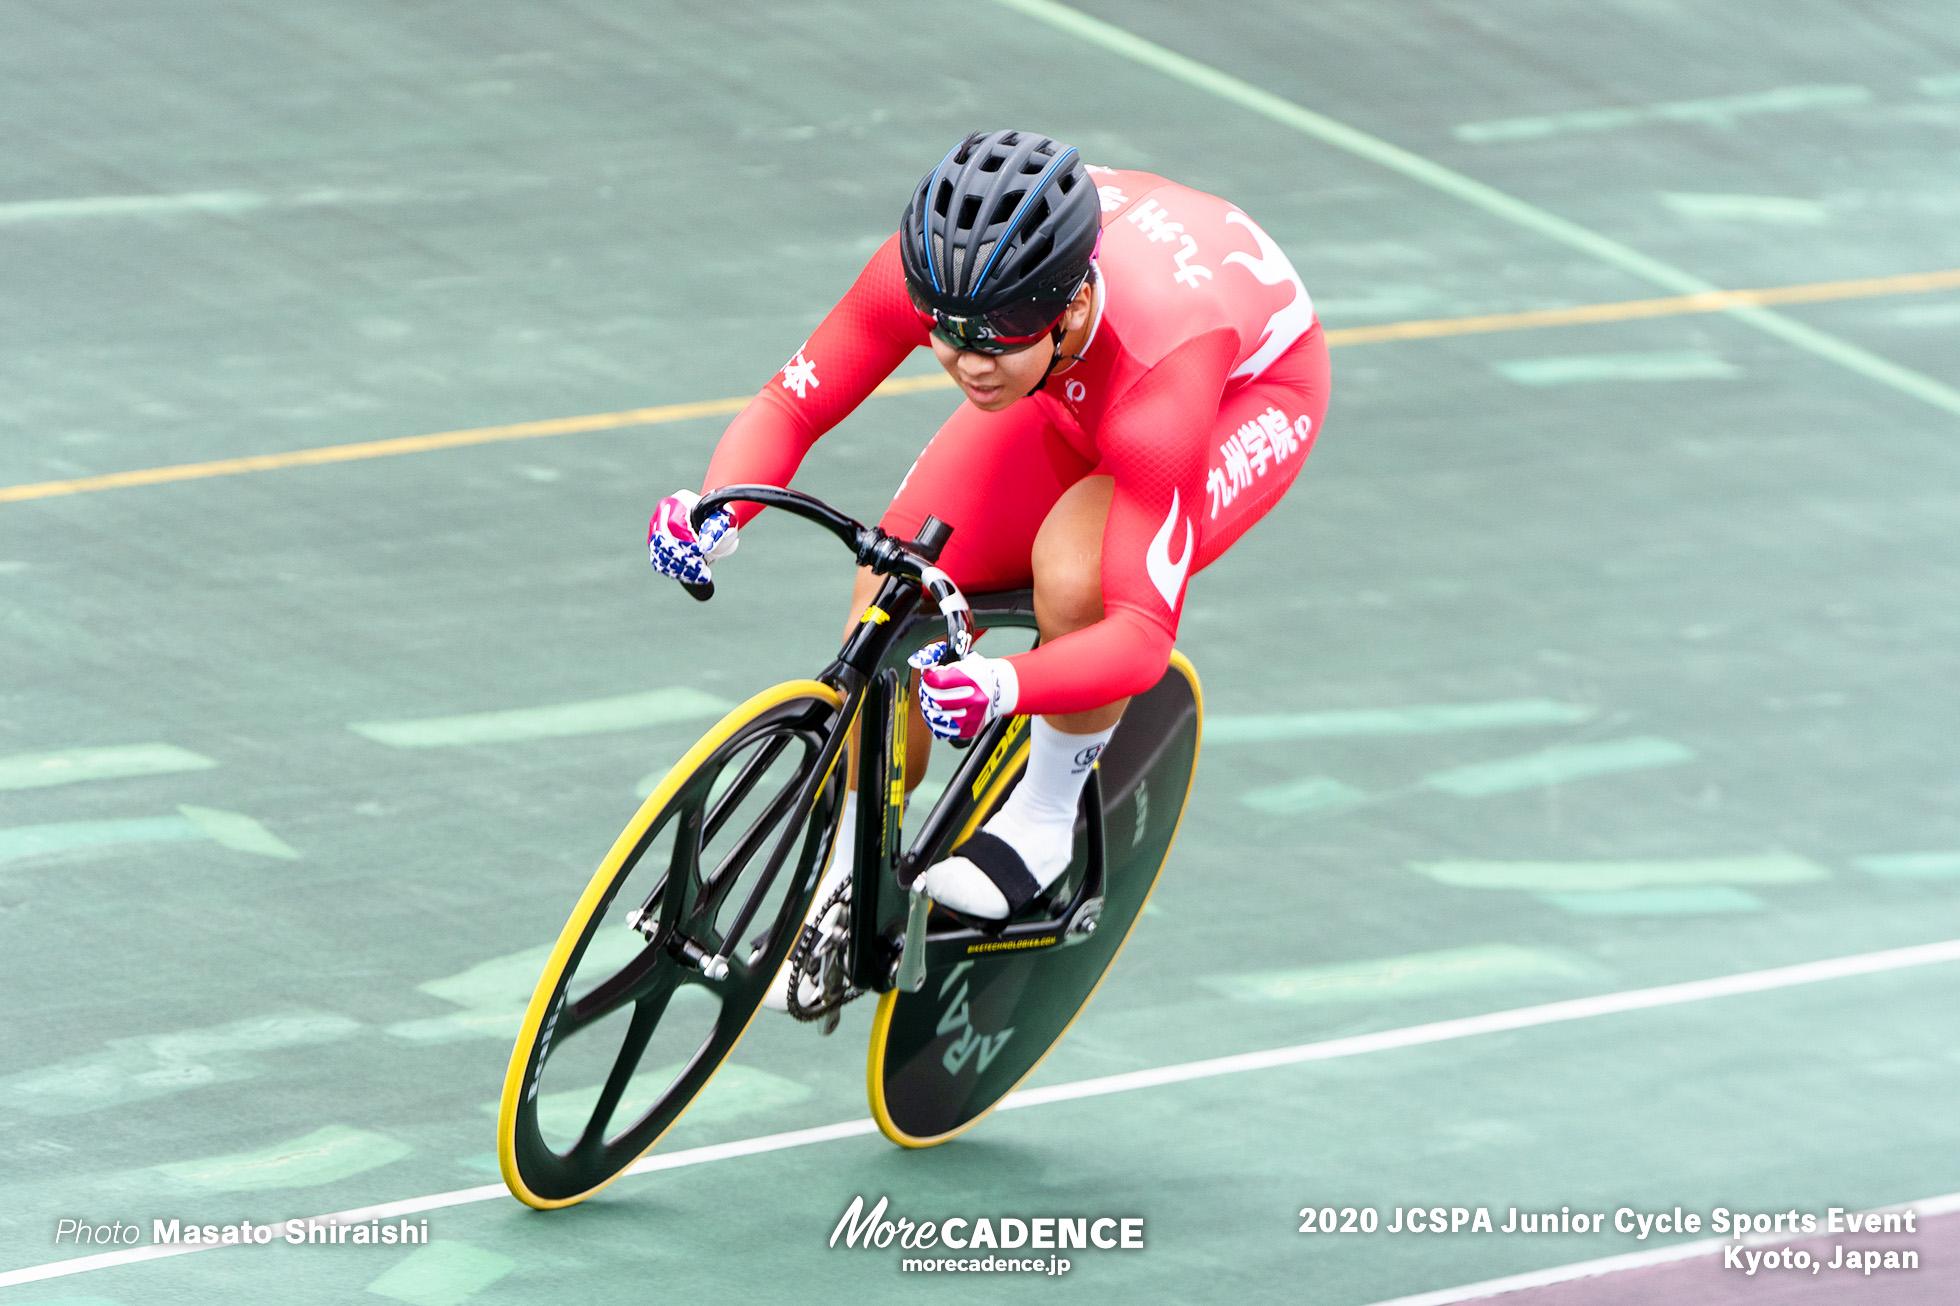 中山遼太郎 九州学院 スプリント予選 ジュニアサイクルスポーツ大会